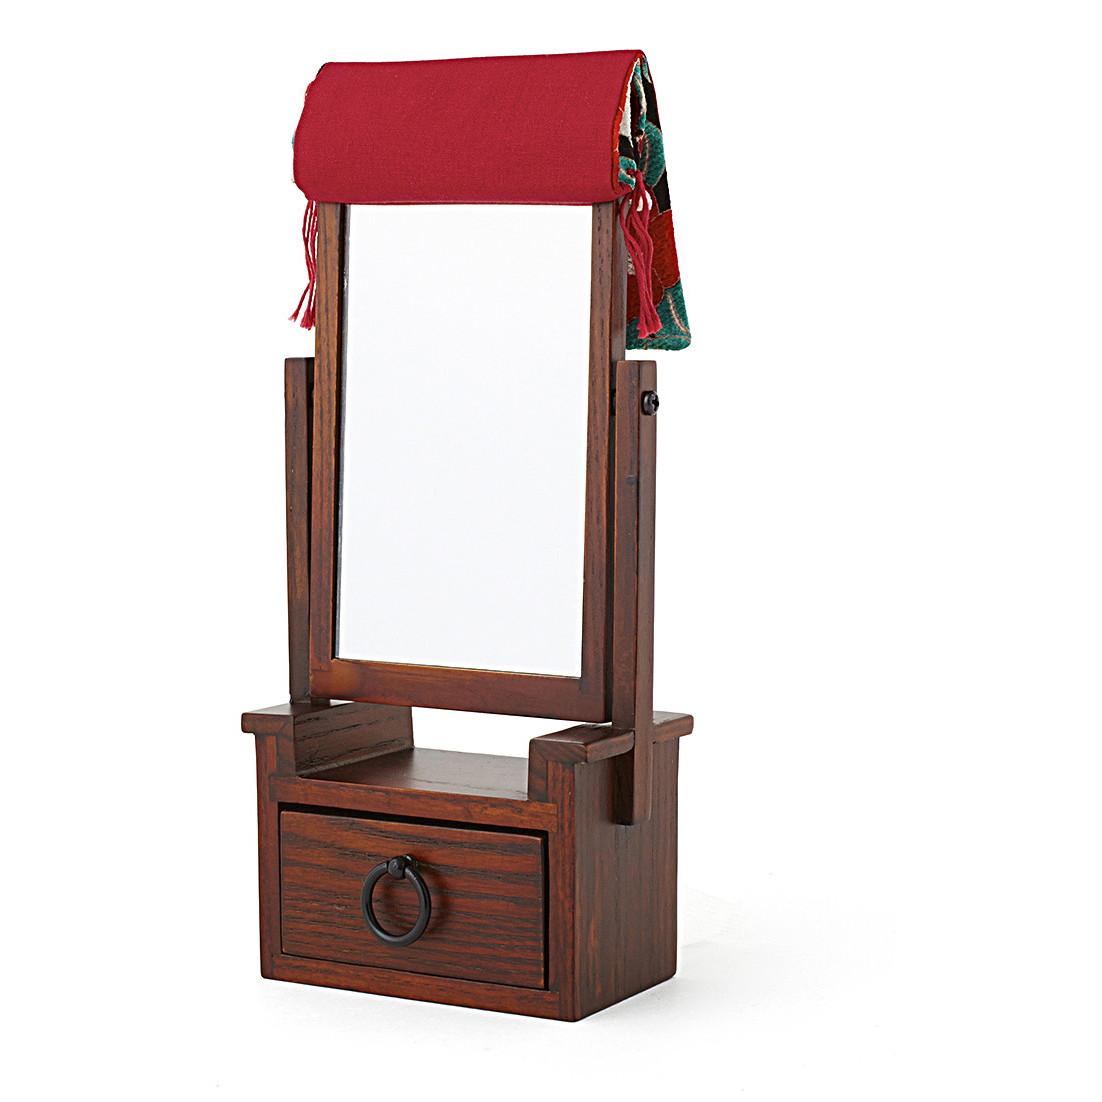 ミニサイズだけど セール 手鏡代わりに使えて実用的 ふるさと納税 木製 姫鏡台 期間限定 黒 花丸